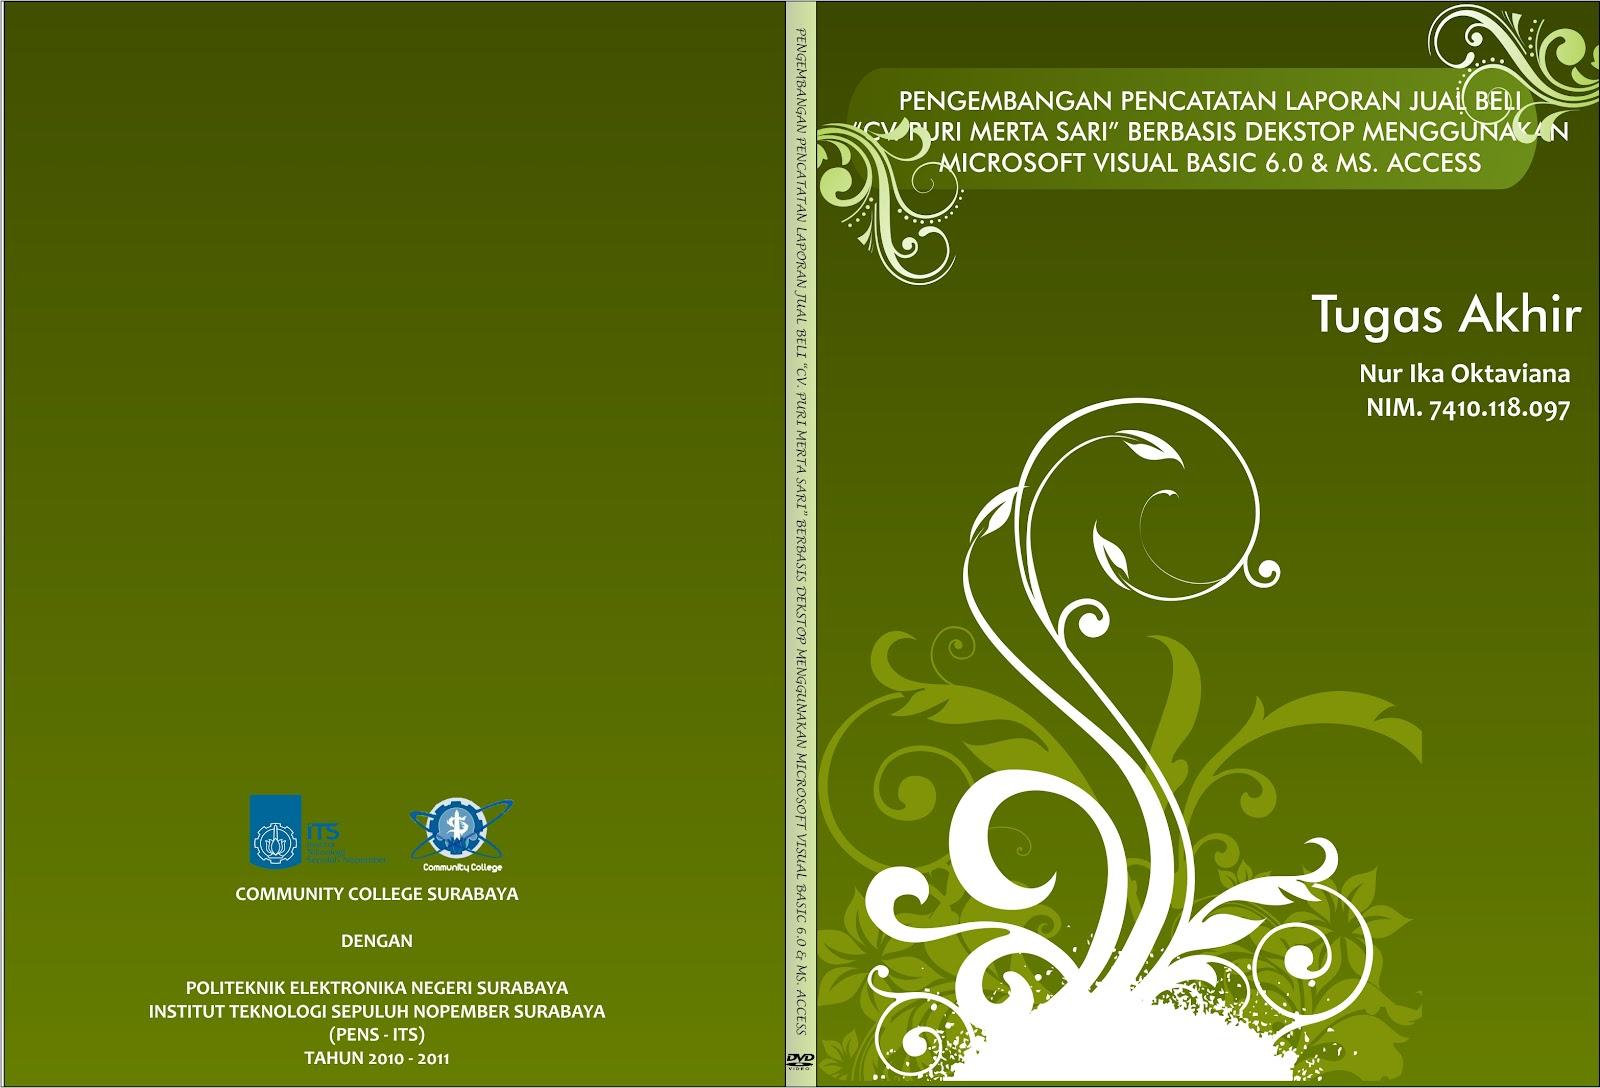 Membuat Desain Cover Dvd Dengan Corel Draw ۰ Pu3 Ruth ۰